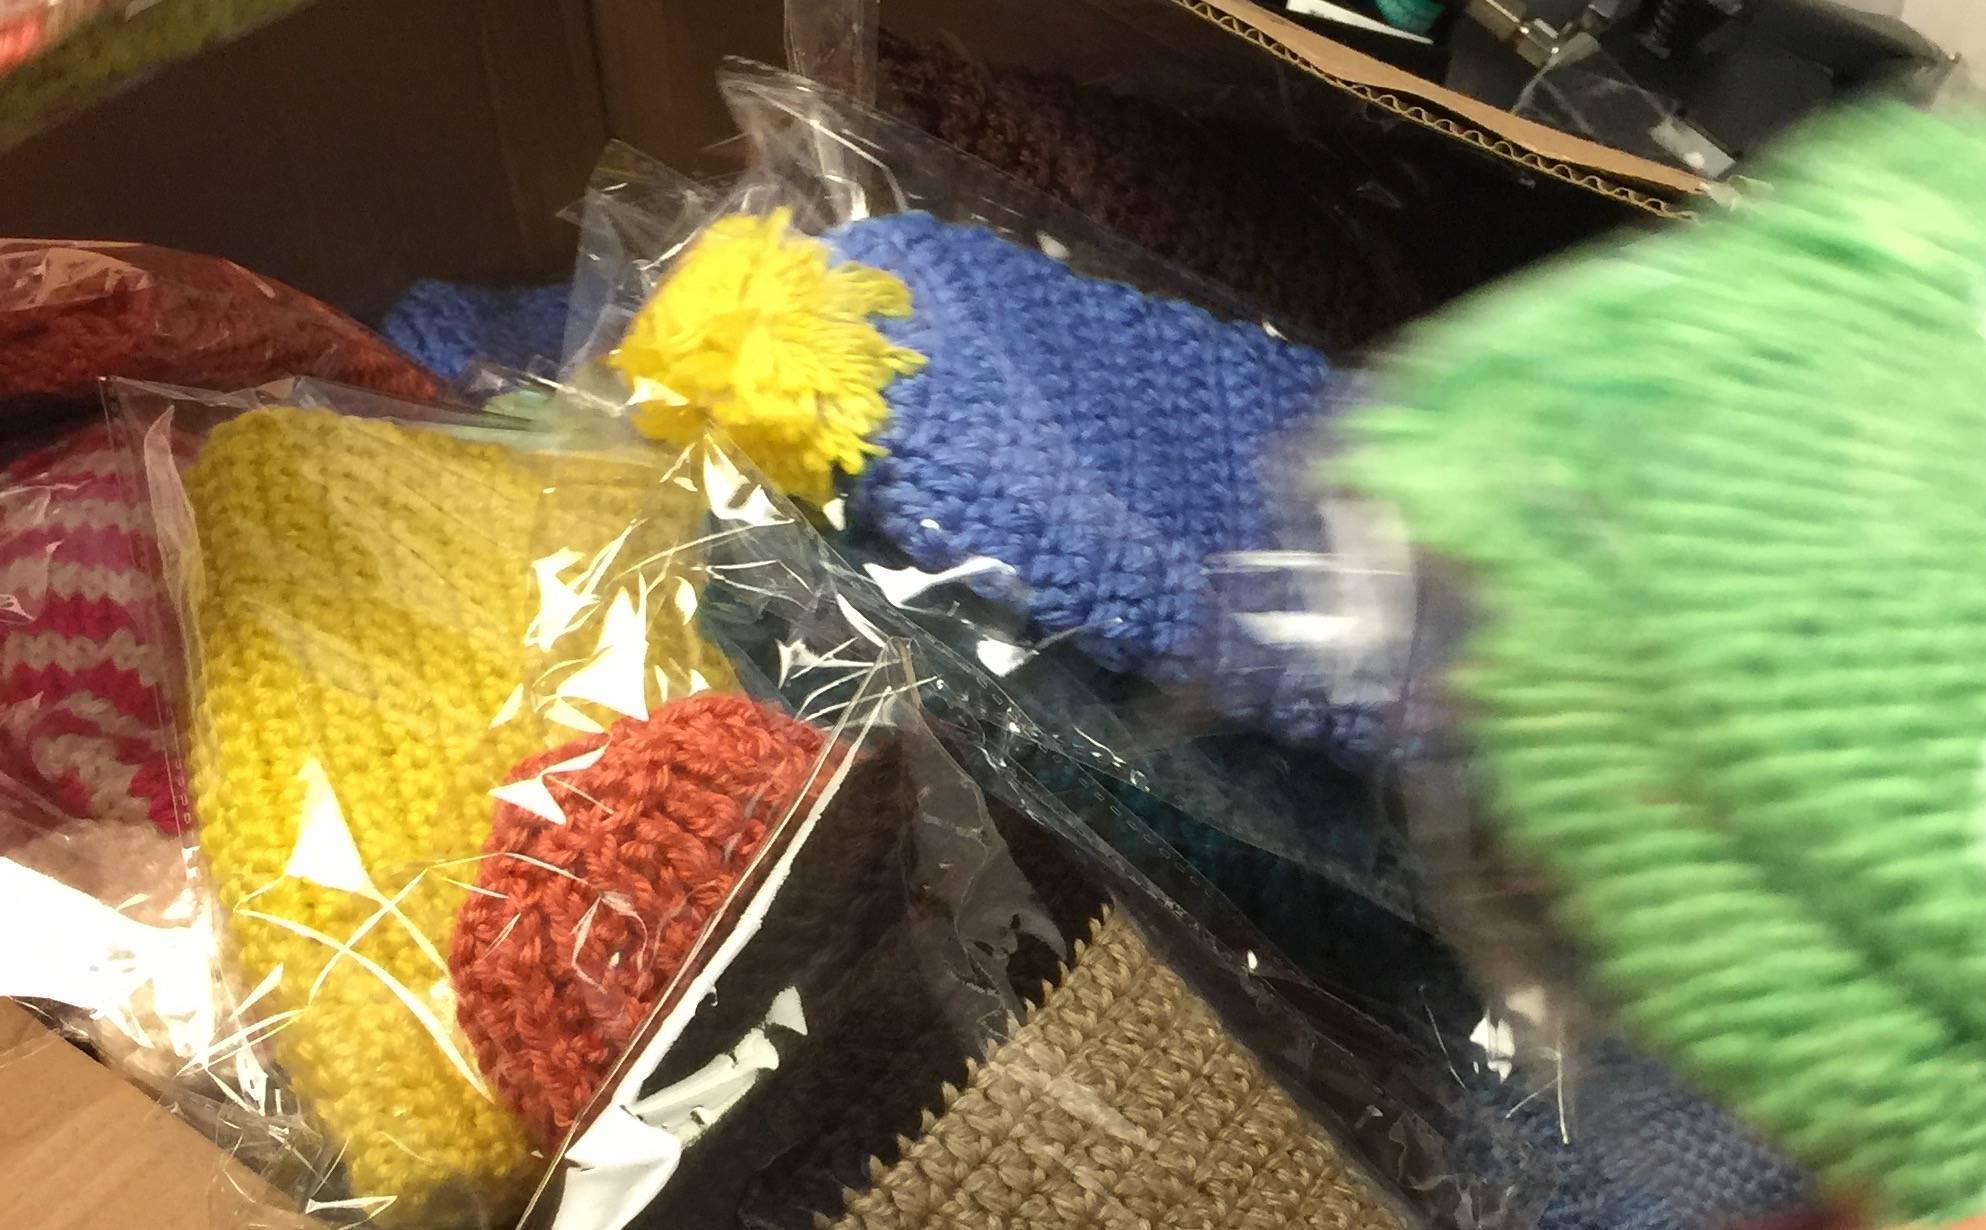 0d3a129362b82e721e76_Crochet.jpg